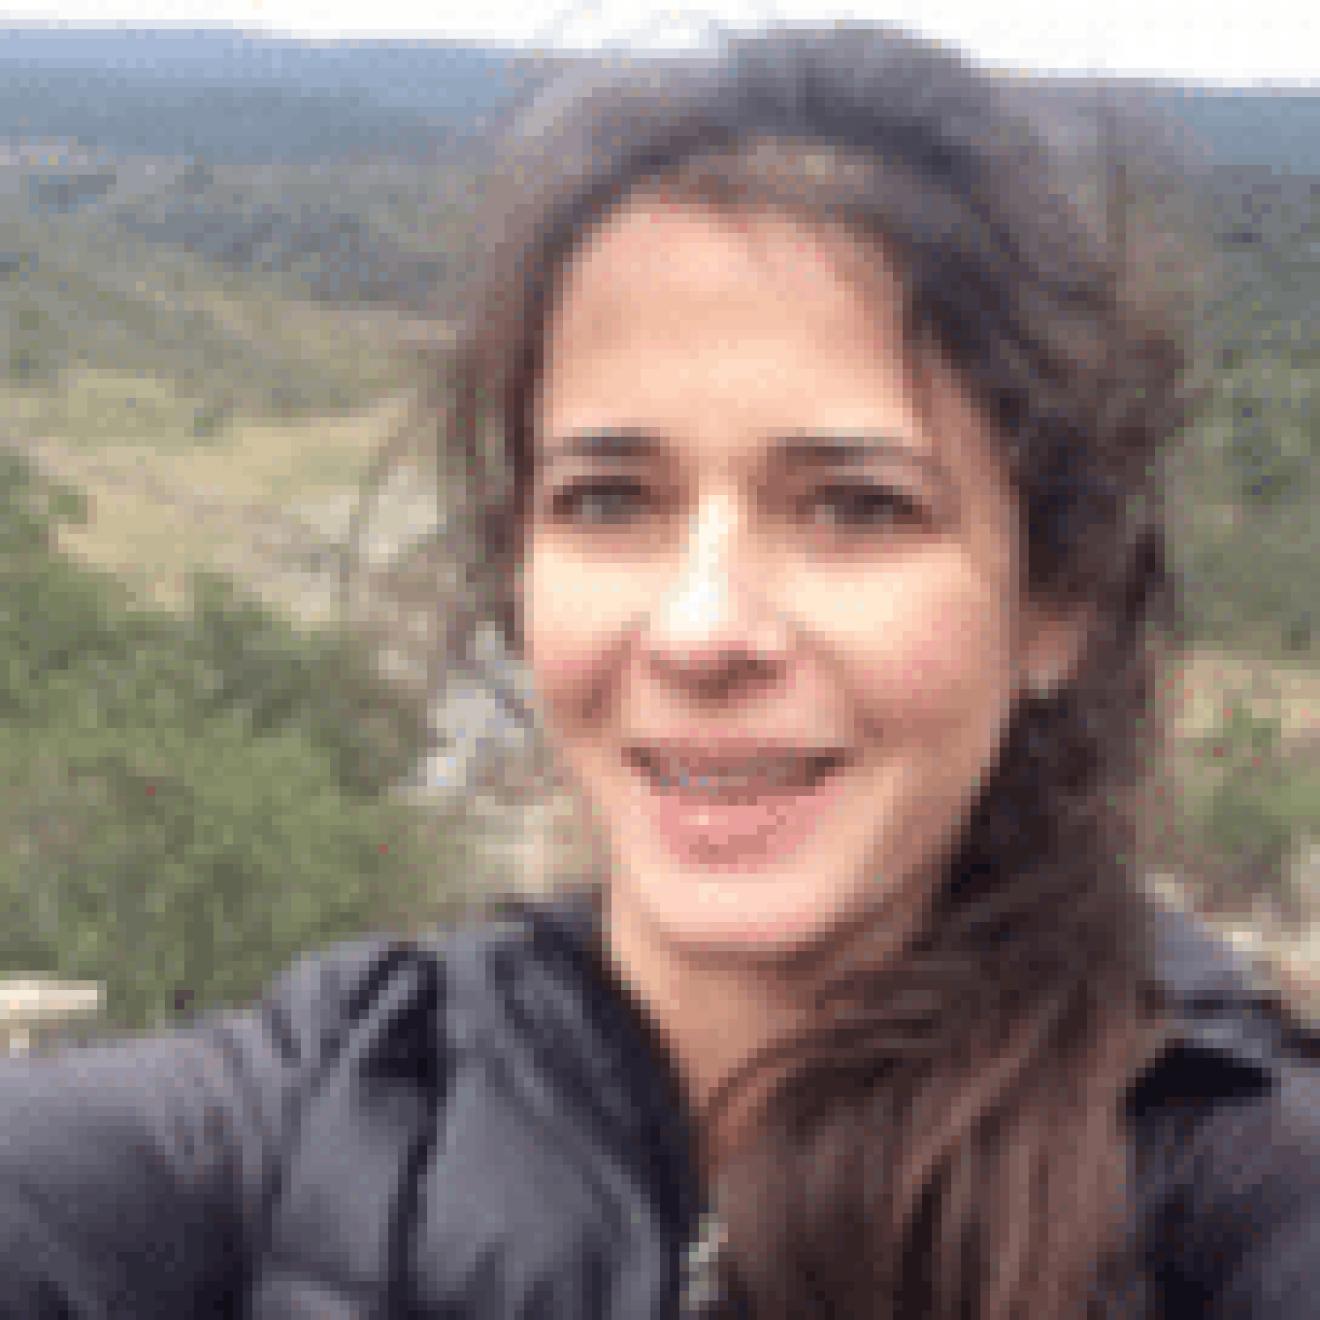 Teresa Martinez Arrieta